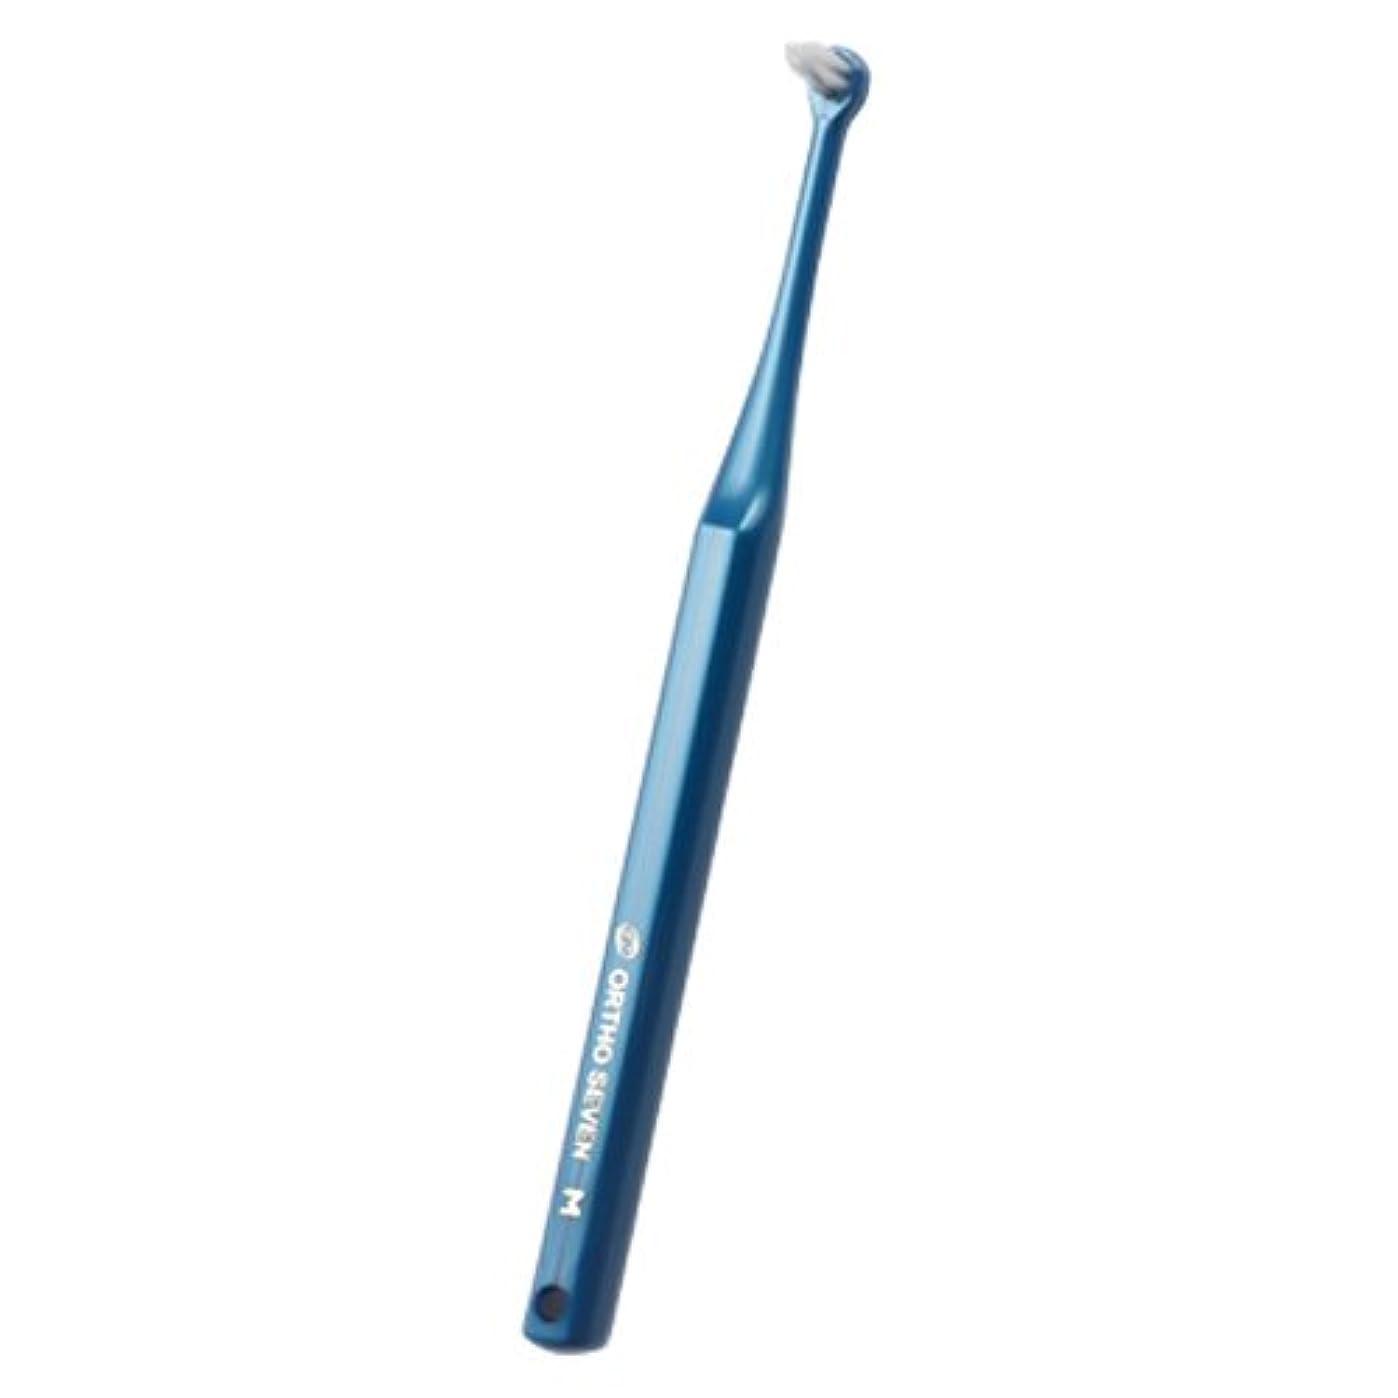 石炭ありふれた選挙ORTHOSEVEN オーソセブン 歯ブラシ 1本 パールブルー